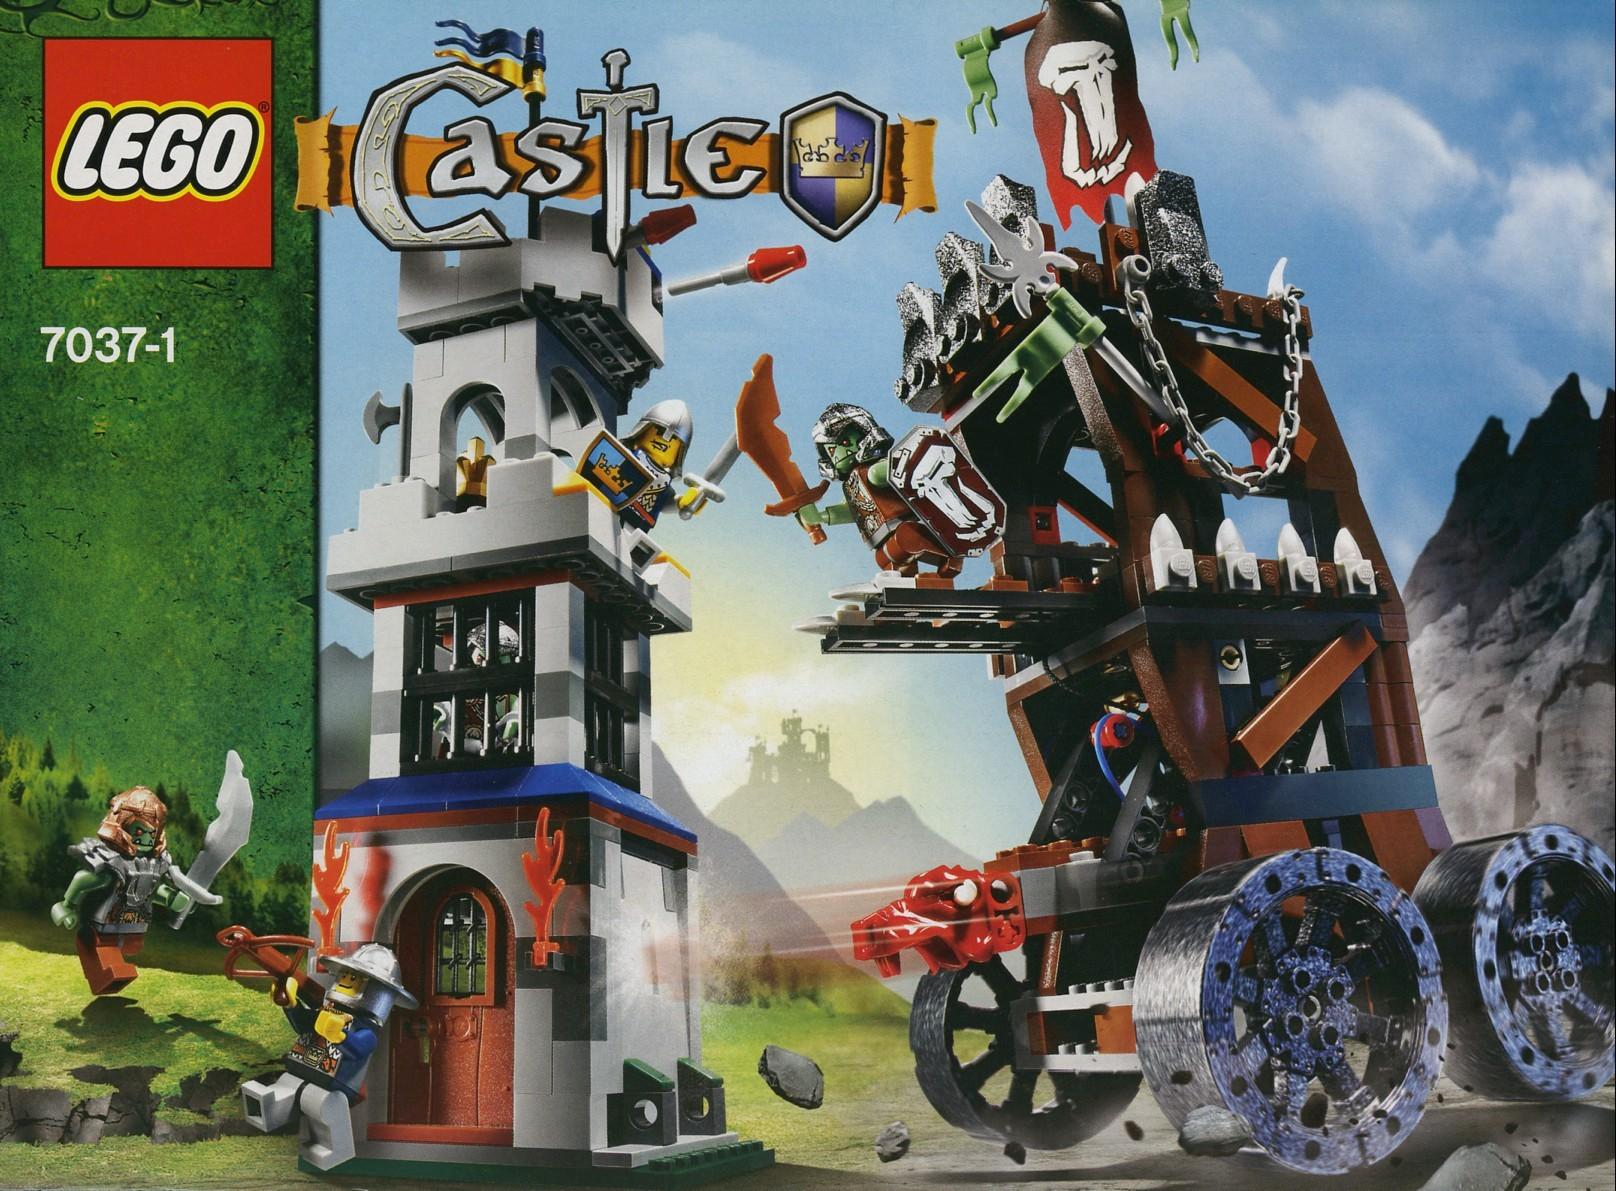 Win an Overwatch Lego set! • Eurogamer net